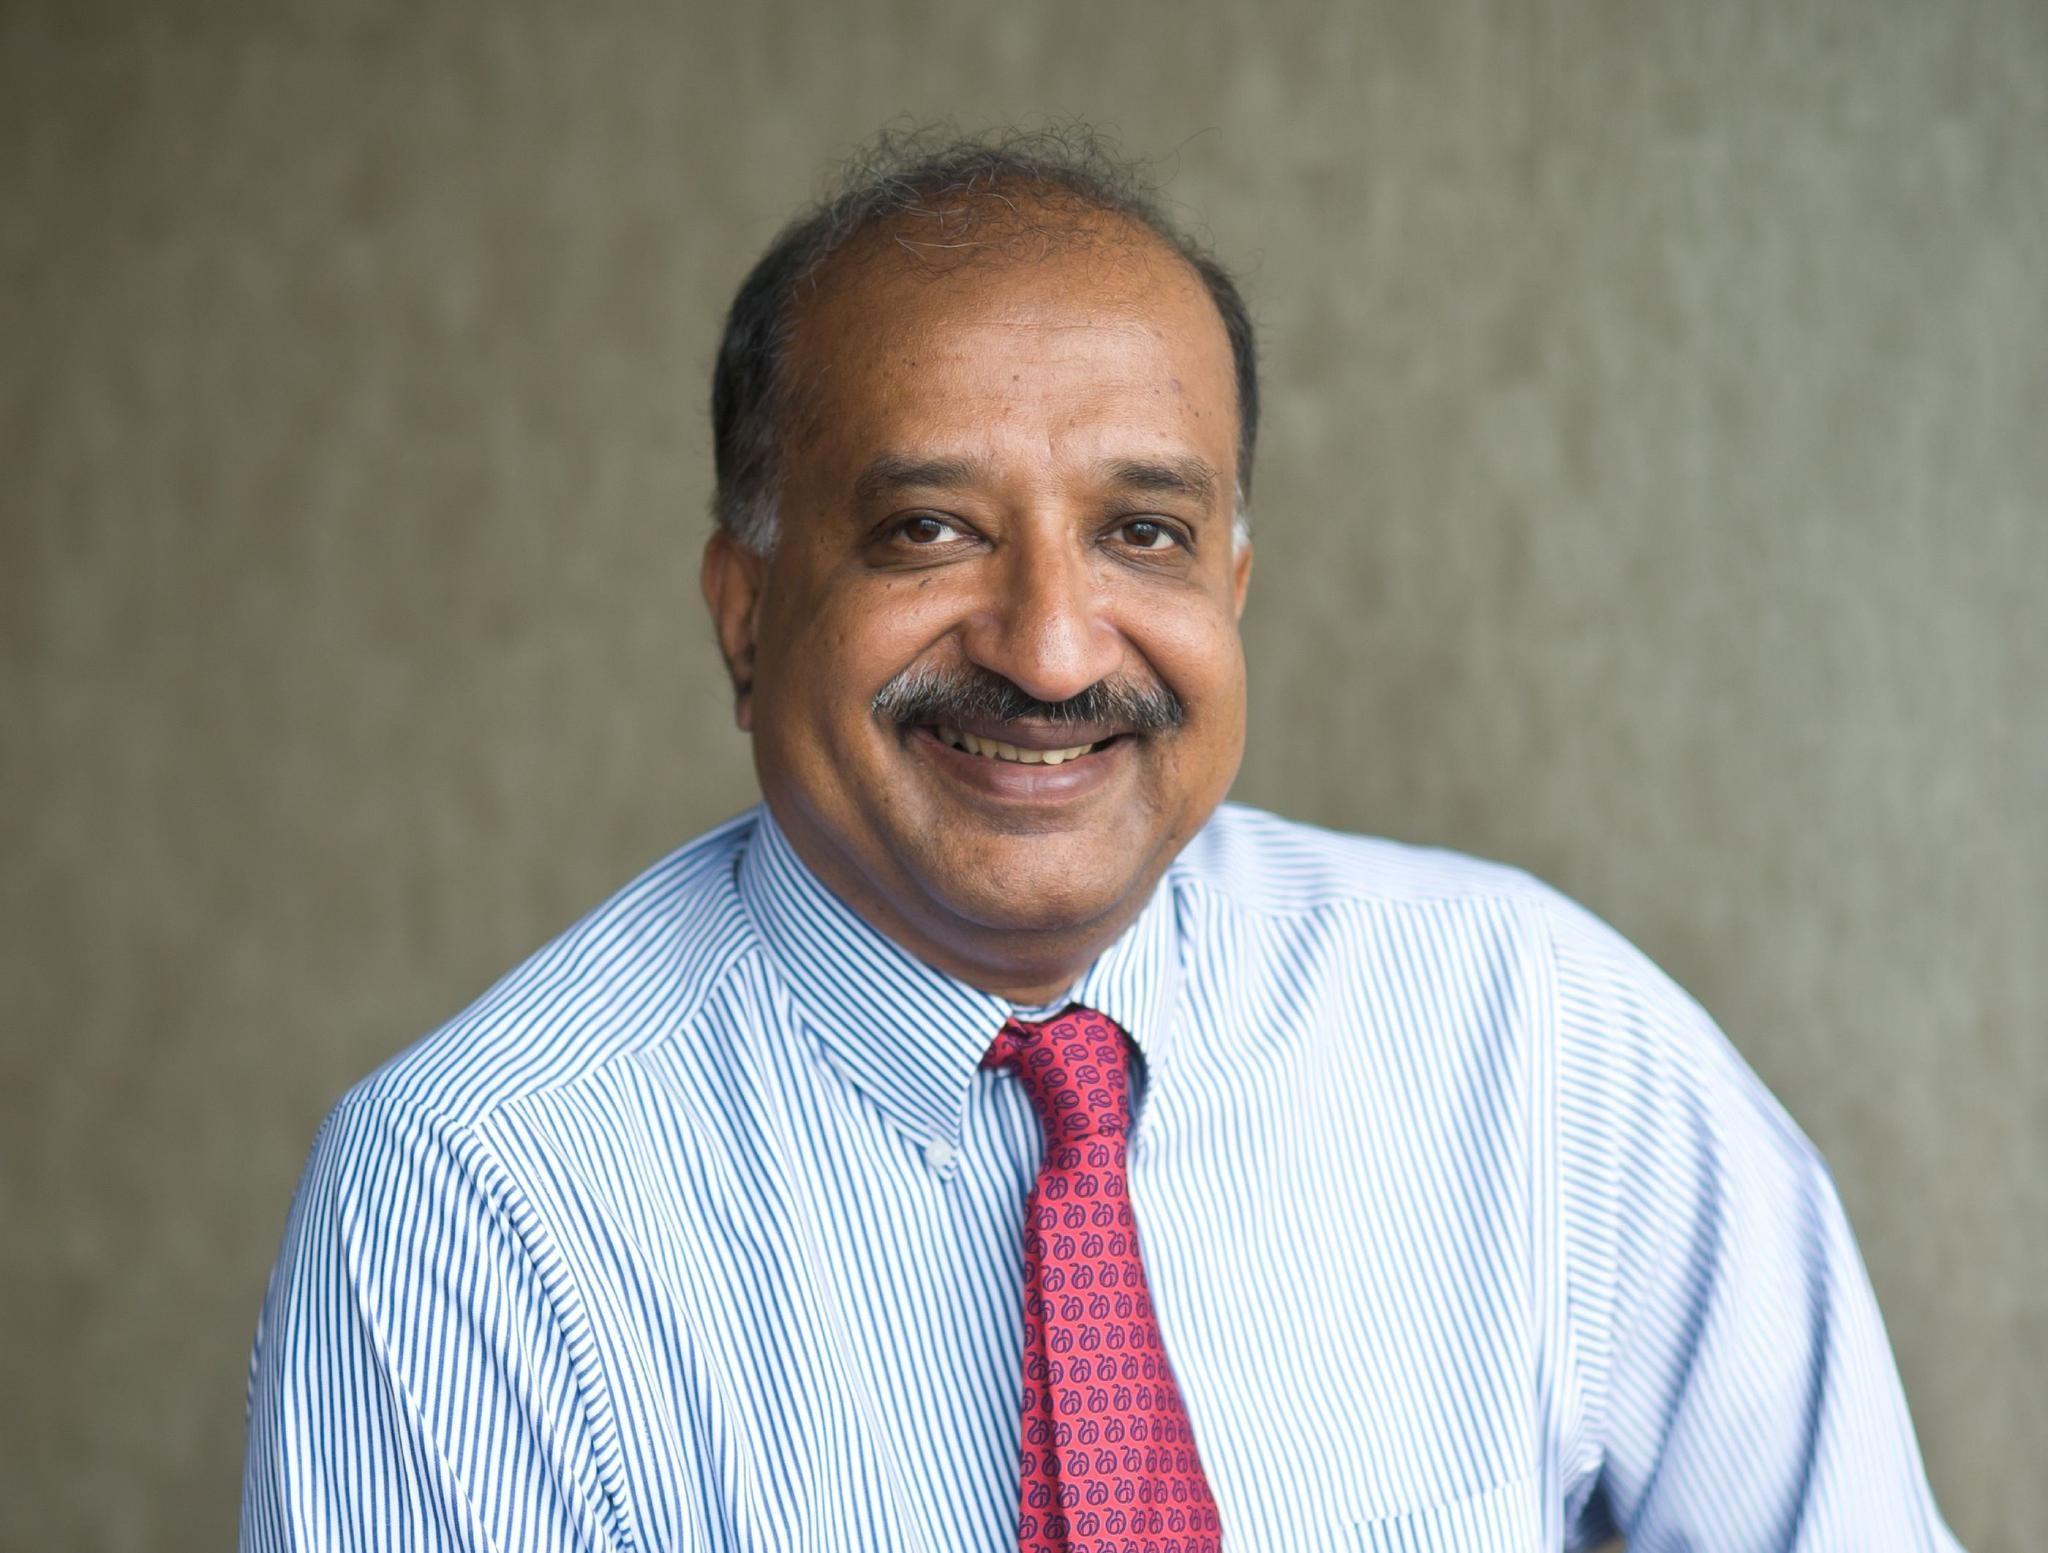 K. Ranga Rama Krishnan, MB, ChB